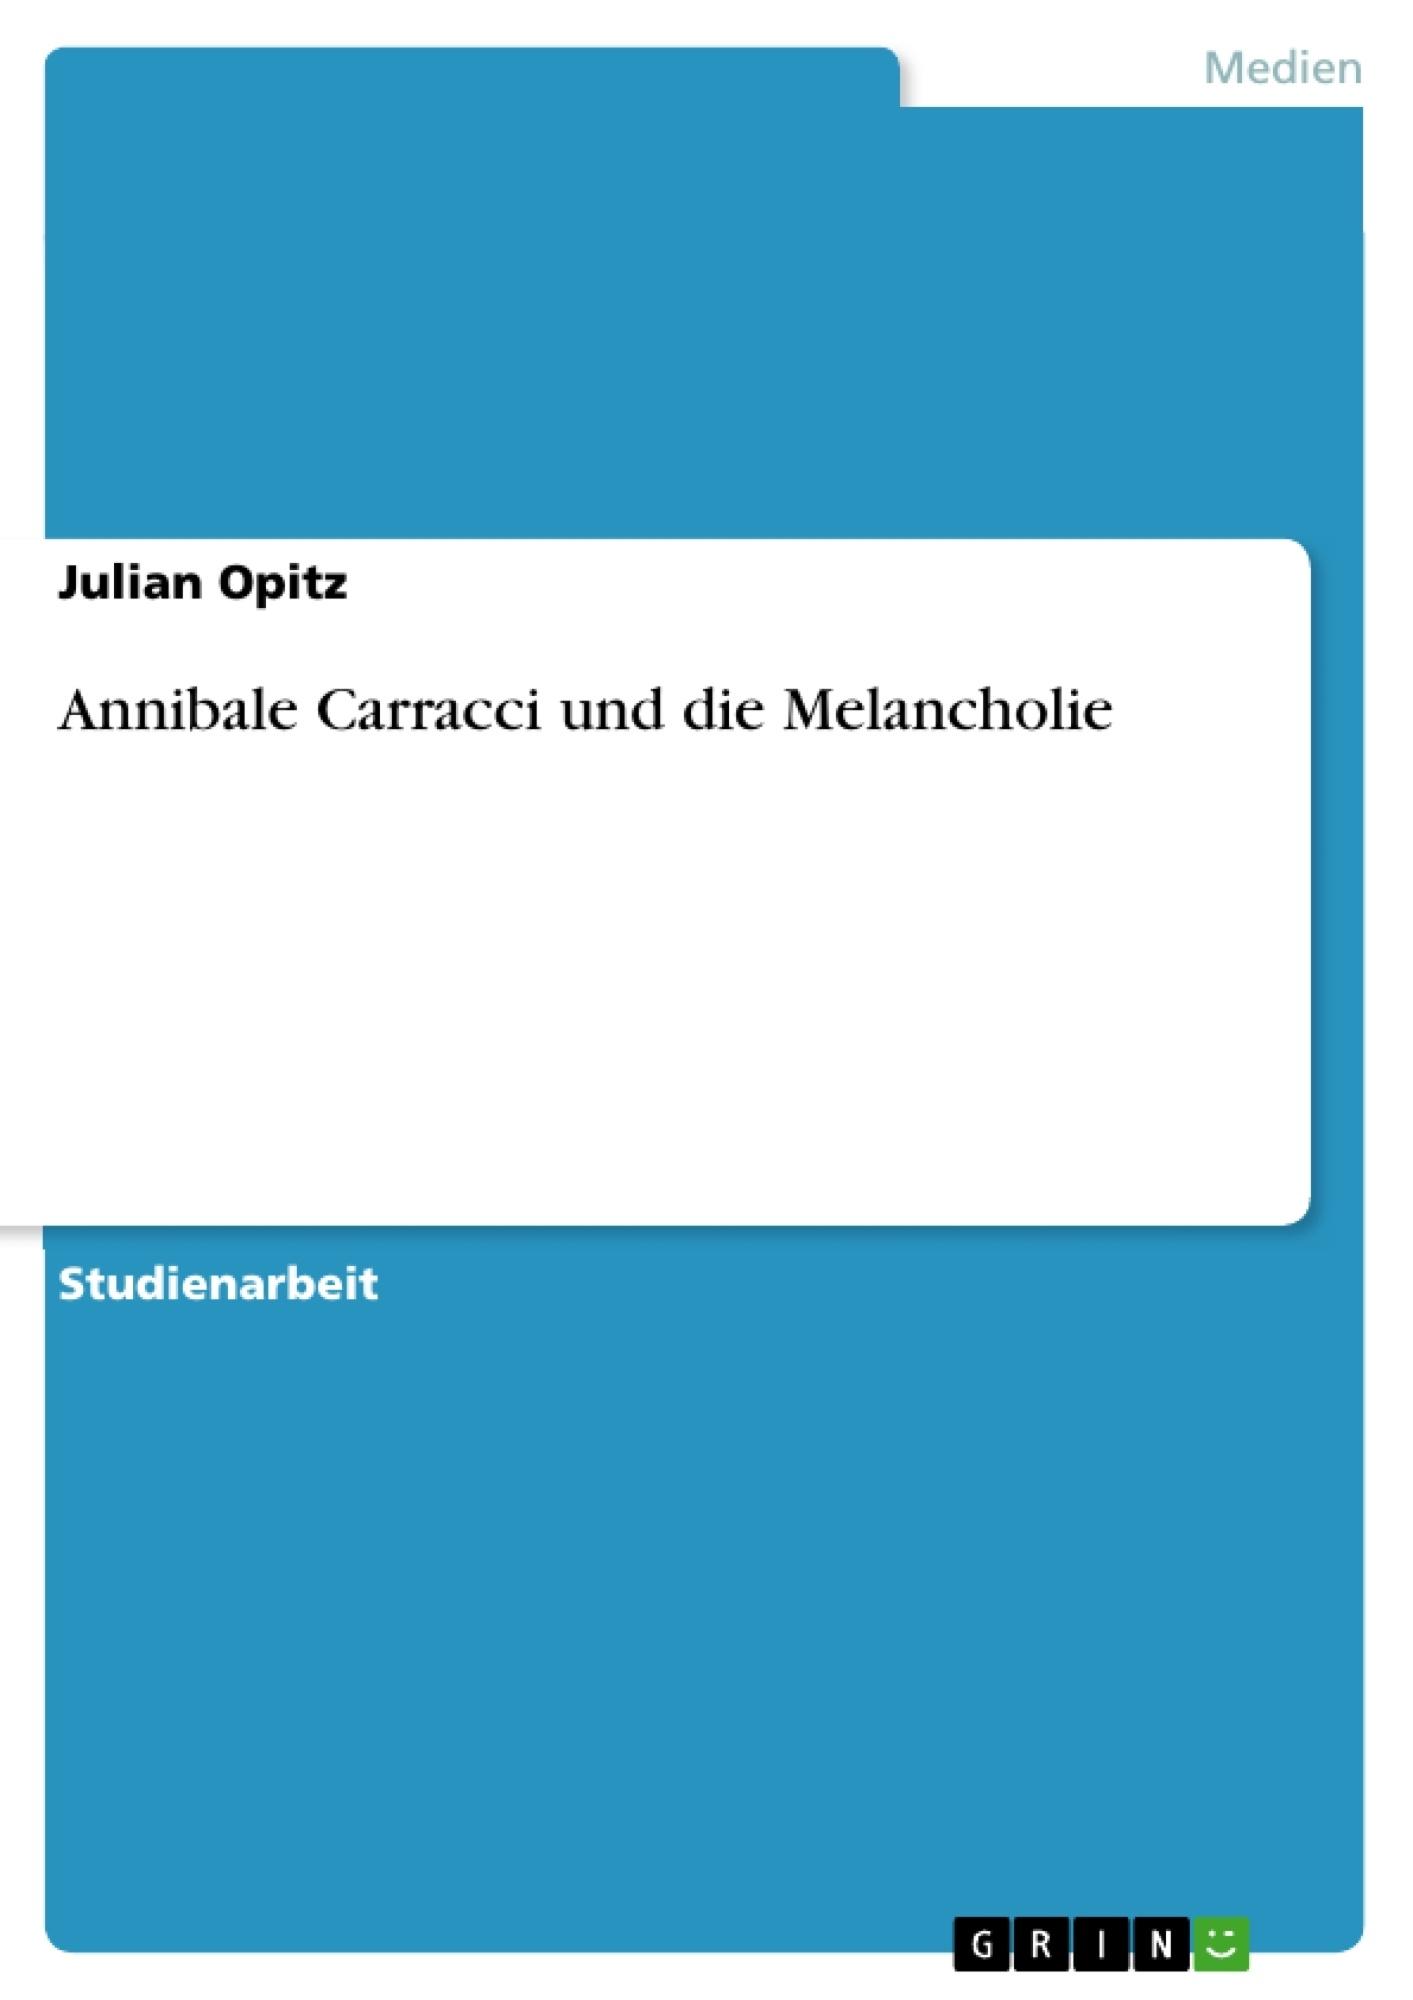 Titel: Annibale Carracci und die Melancholie